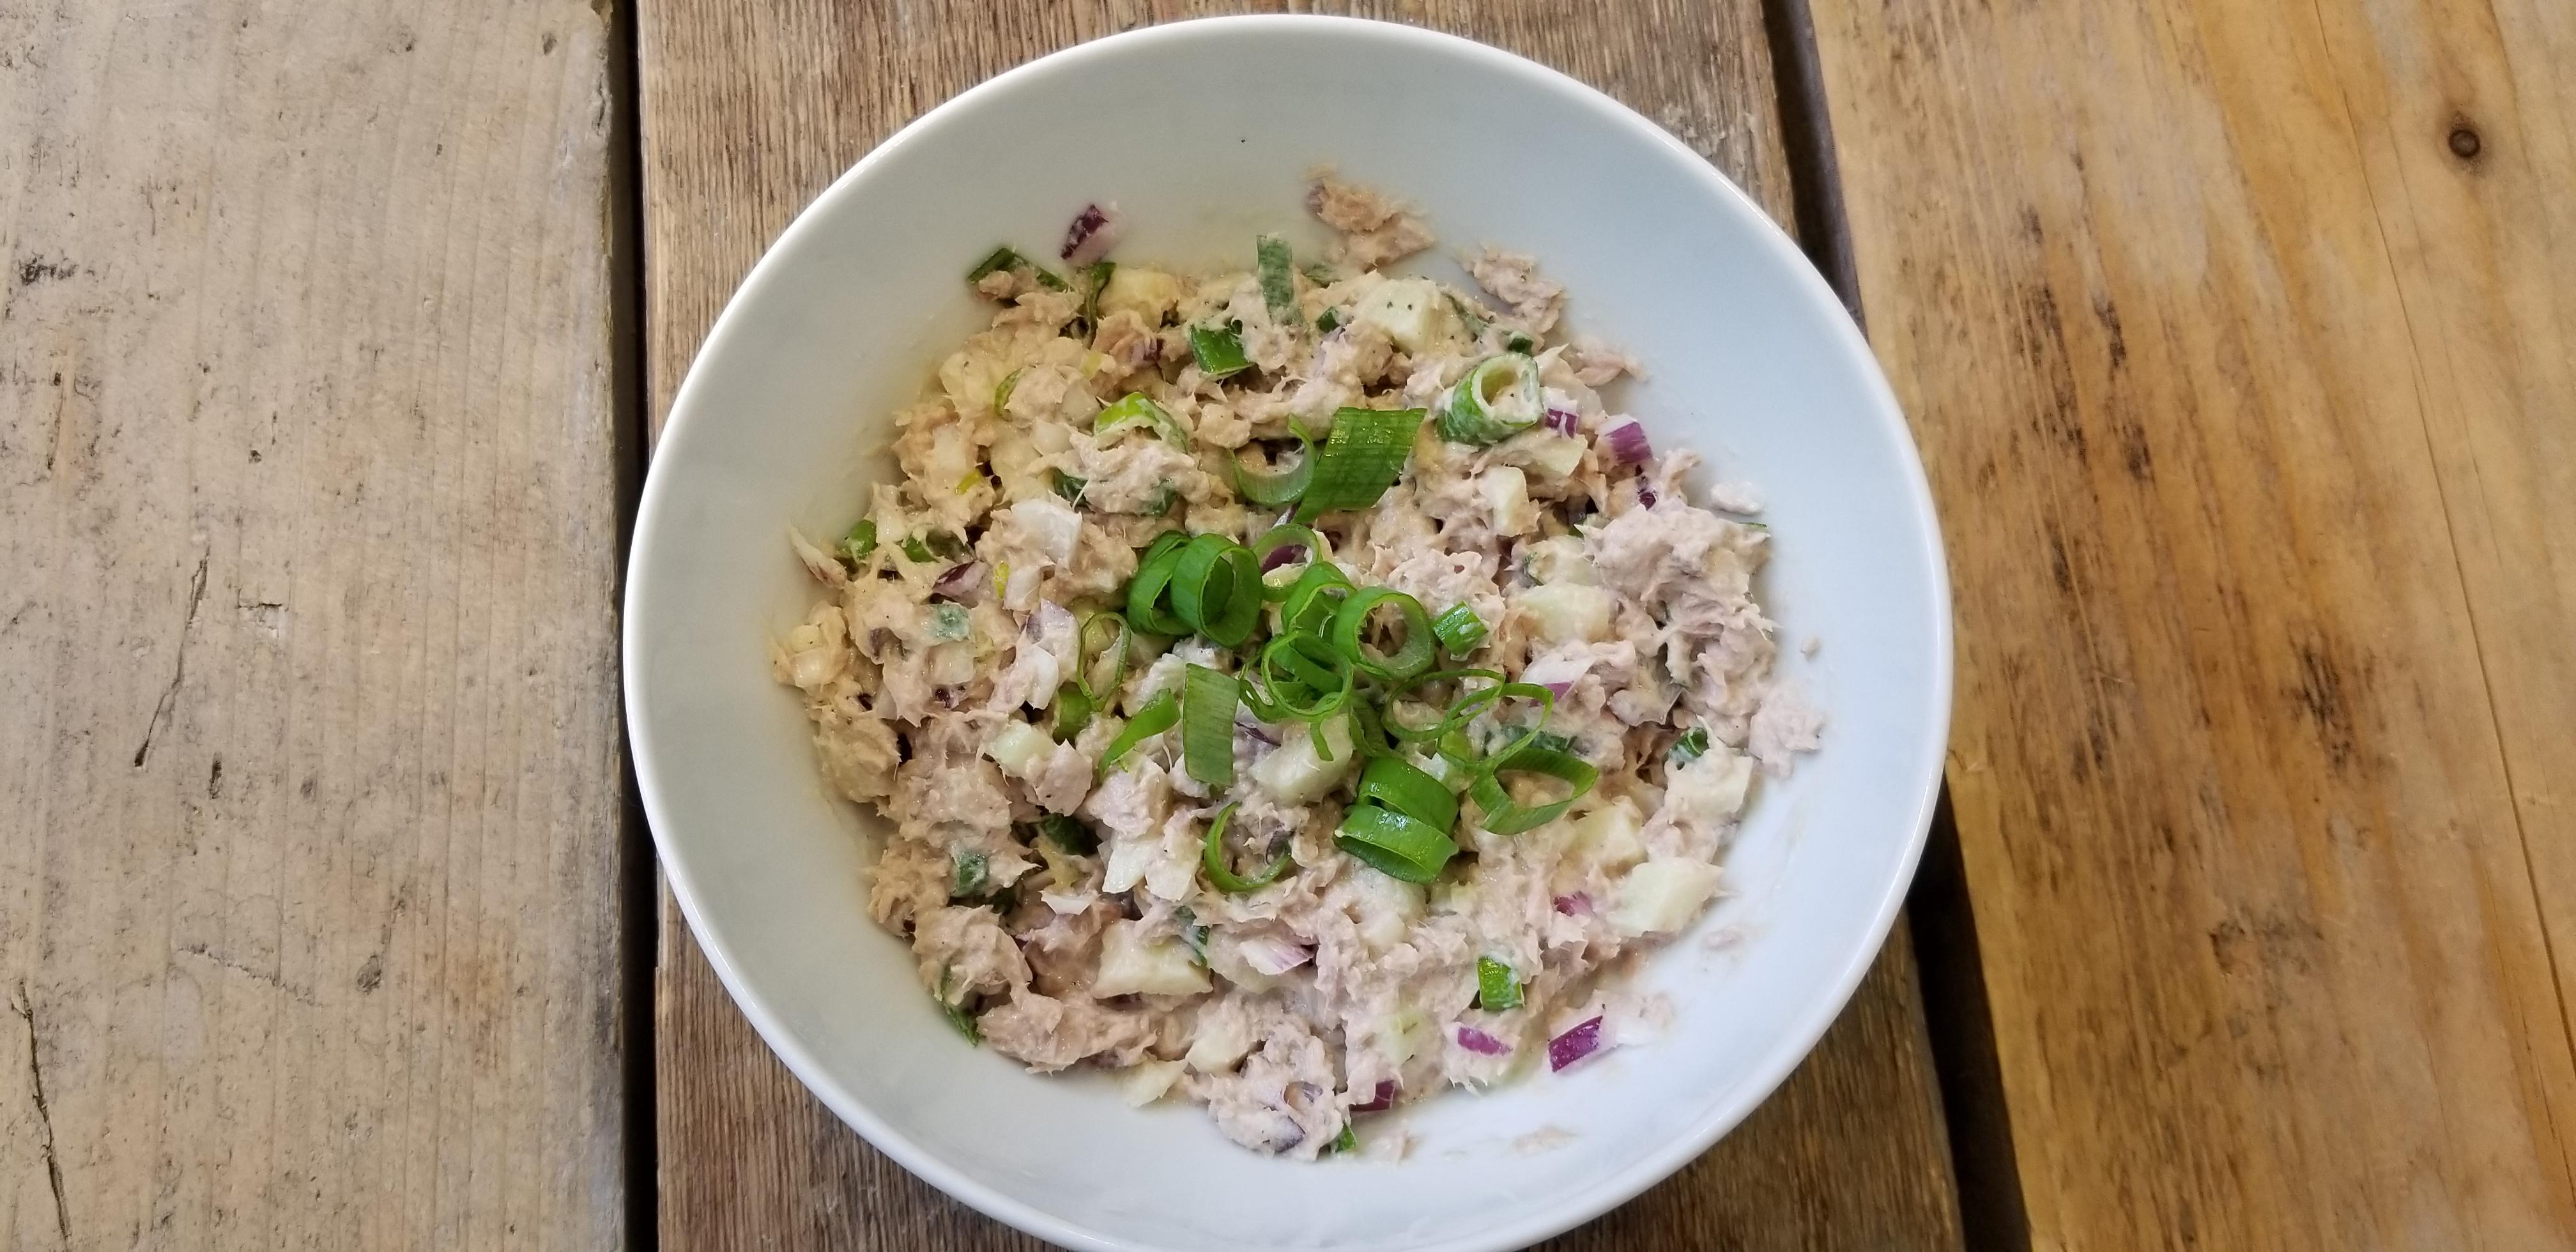 tonijnsalade met appel en lenteui